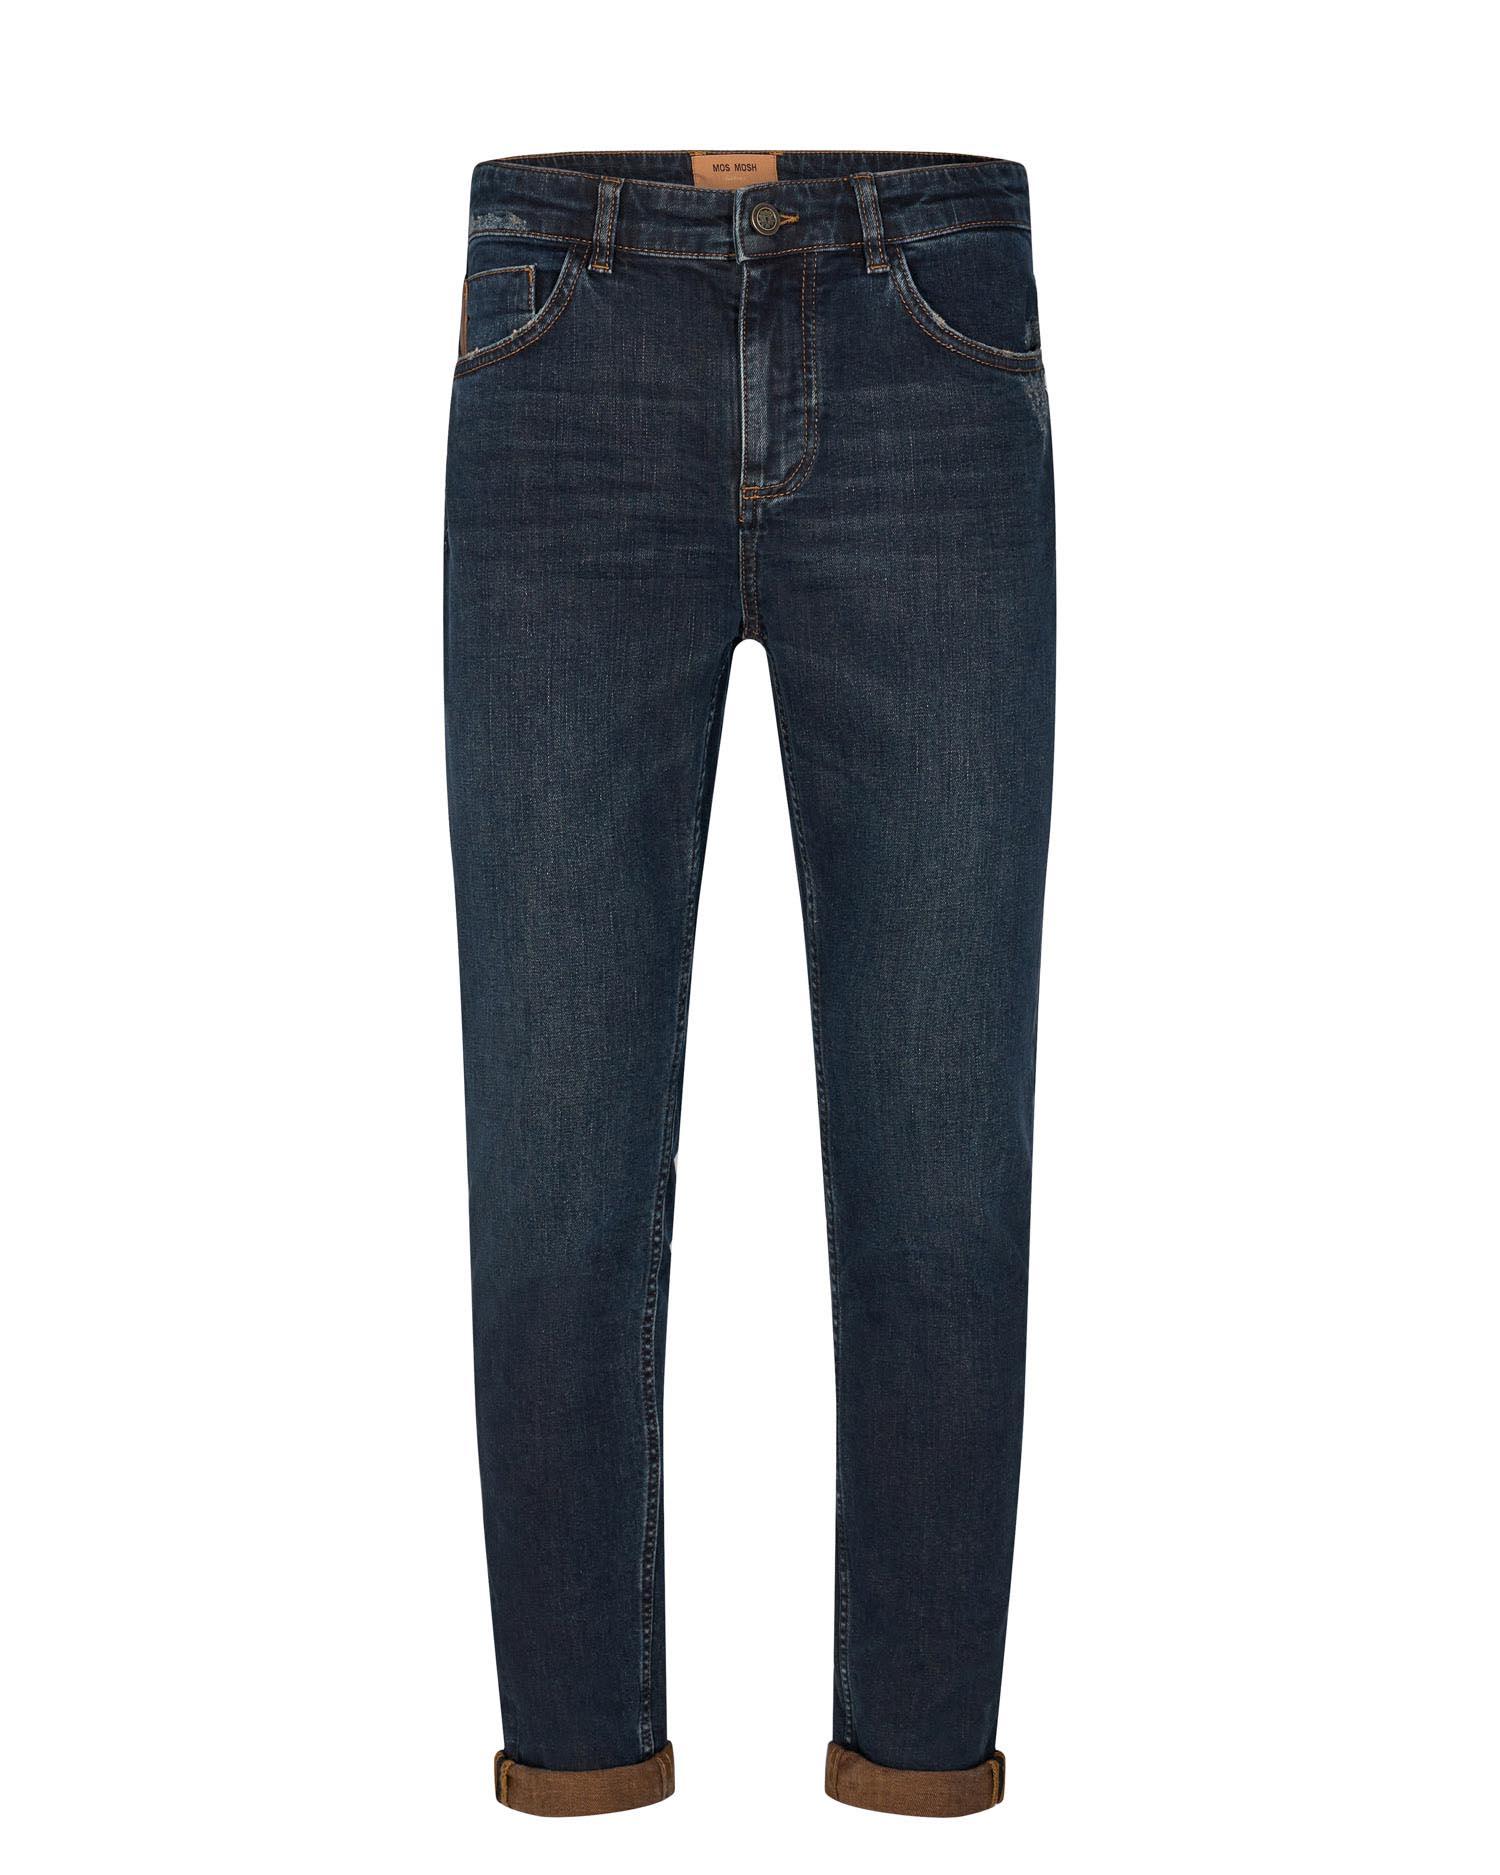 Portman Detroit Blue Jeans